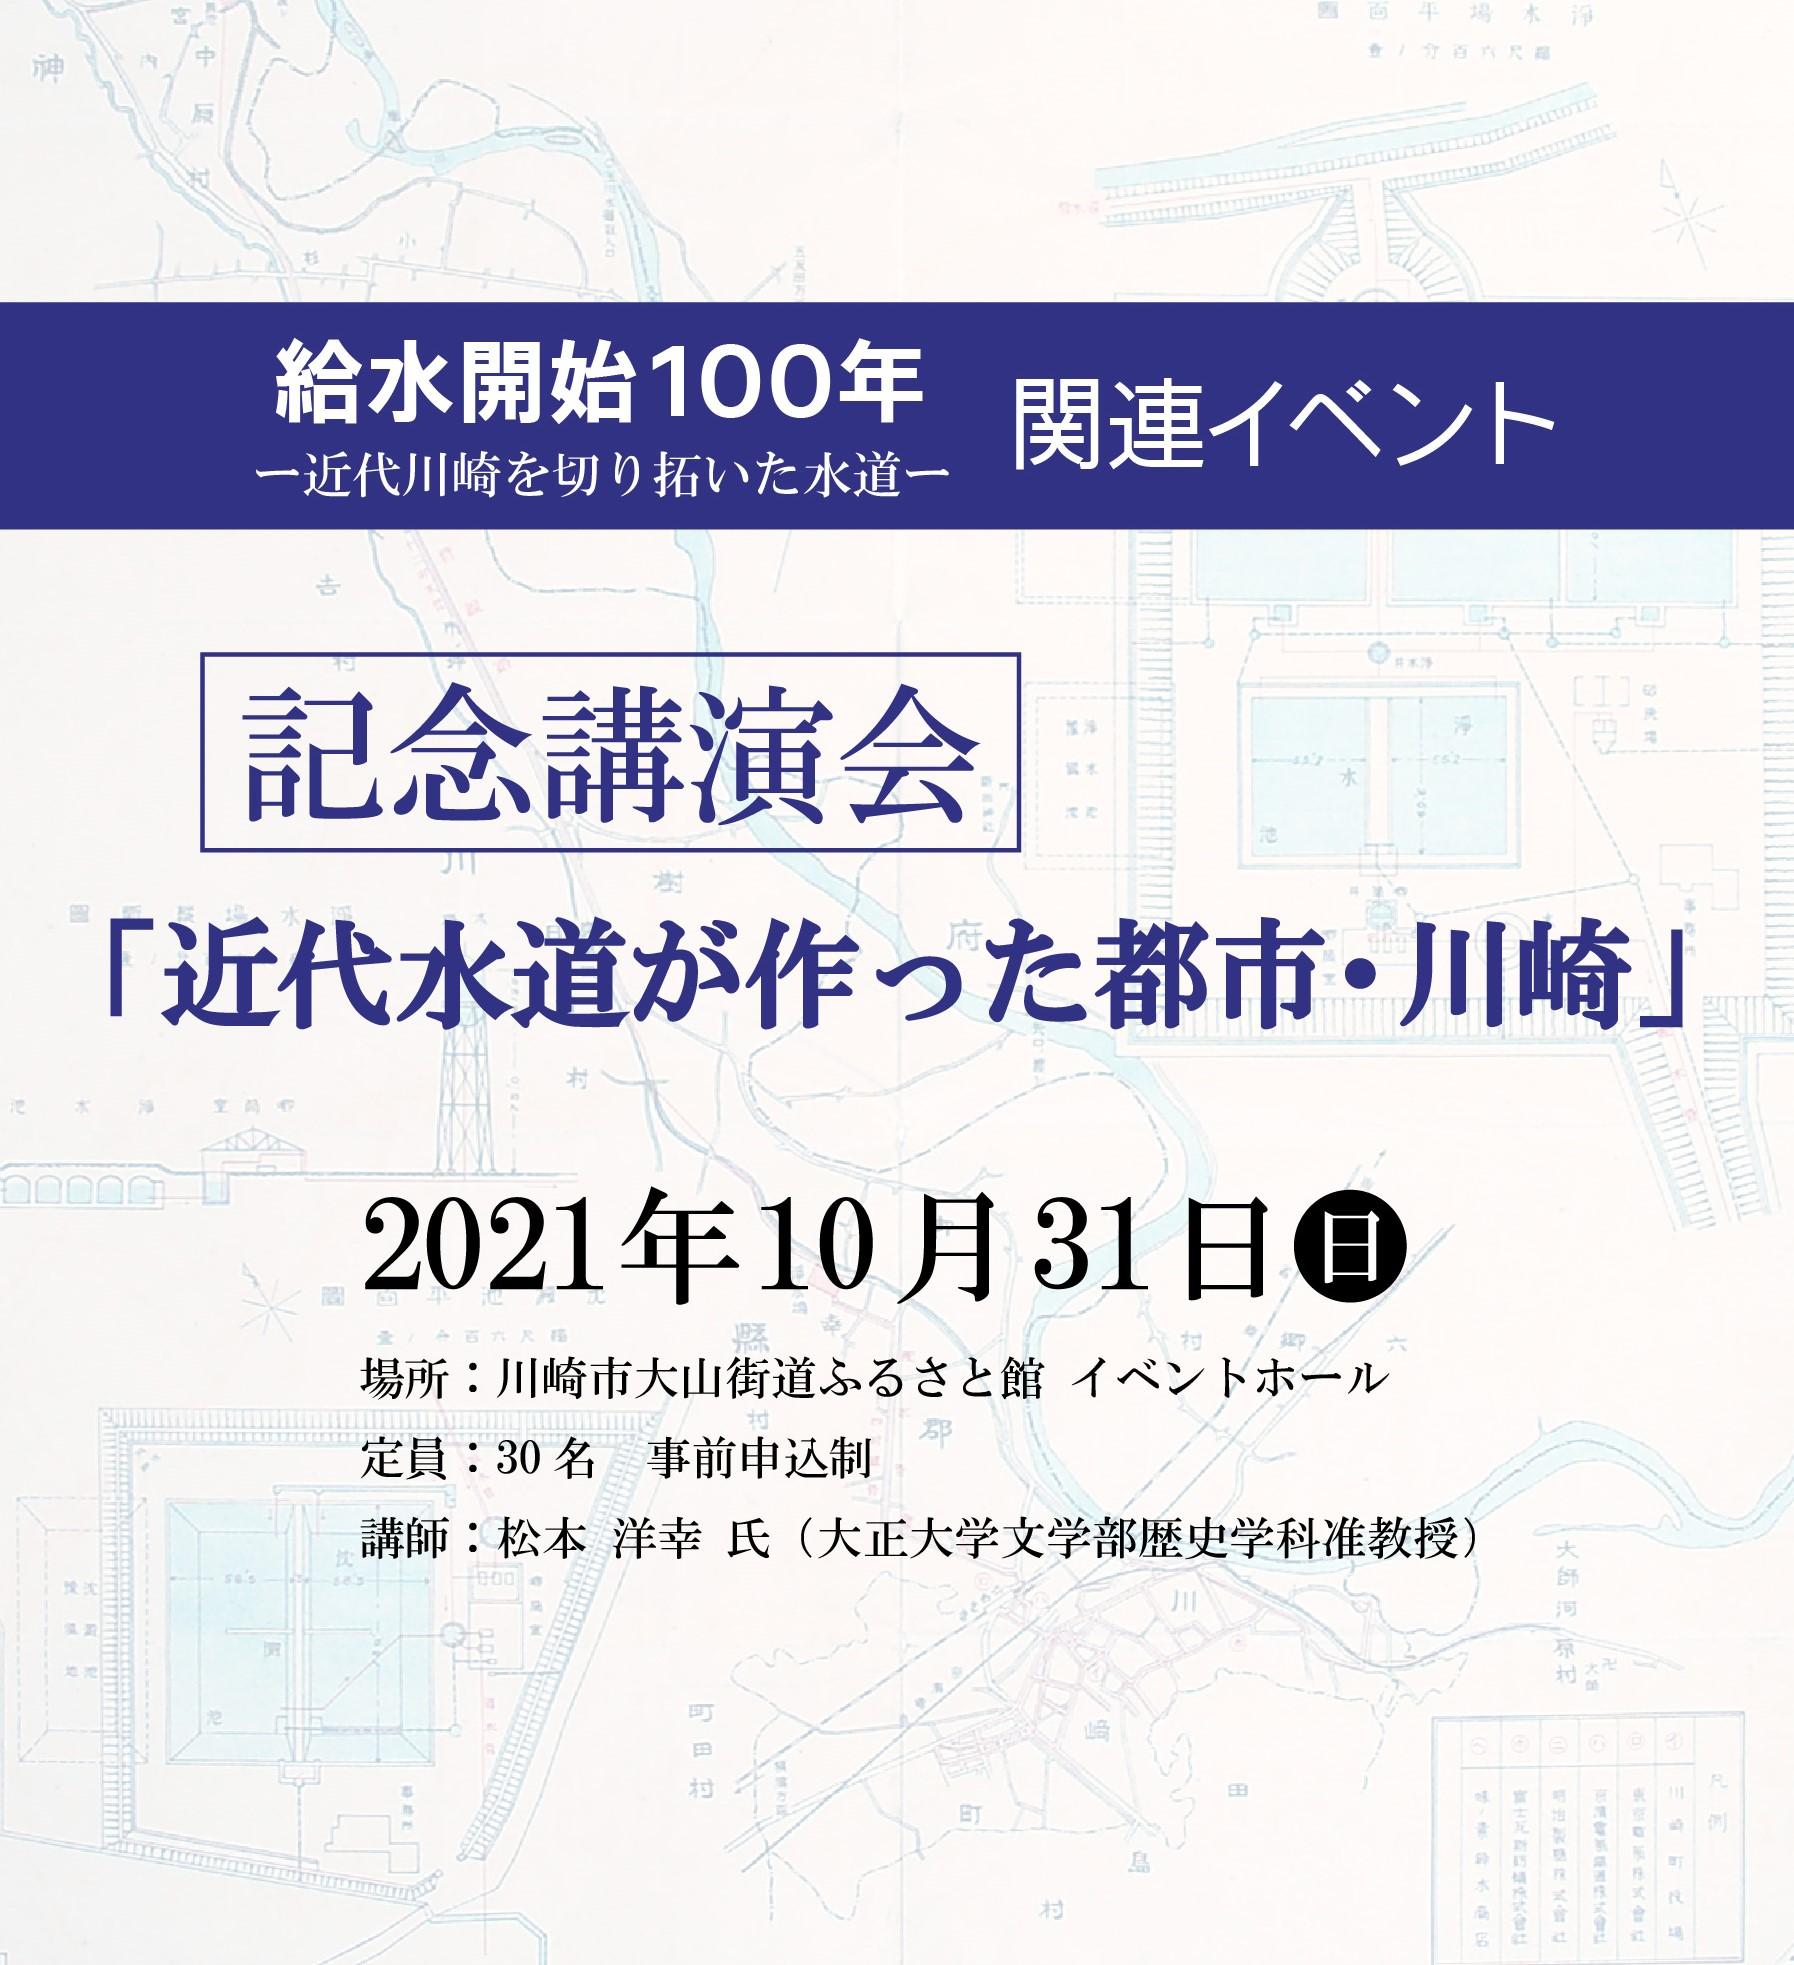 記念講演会「近代水道が作った都市・川崎」